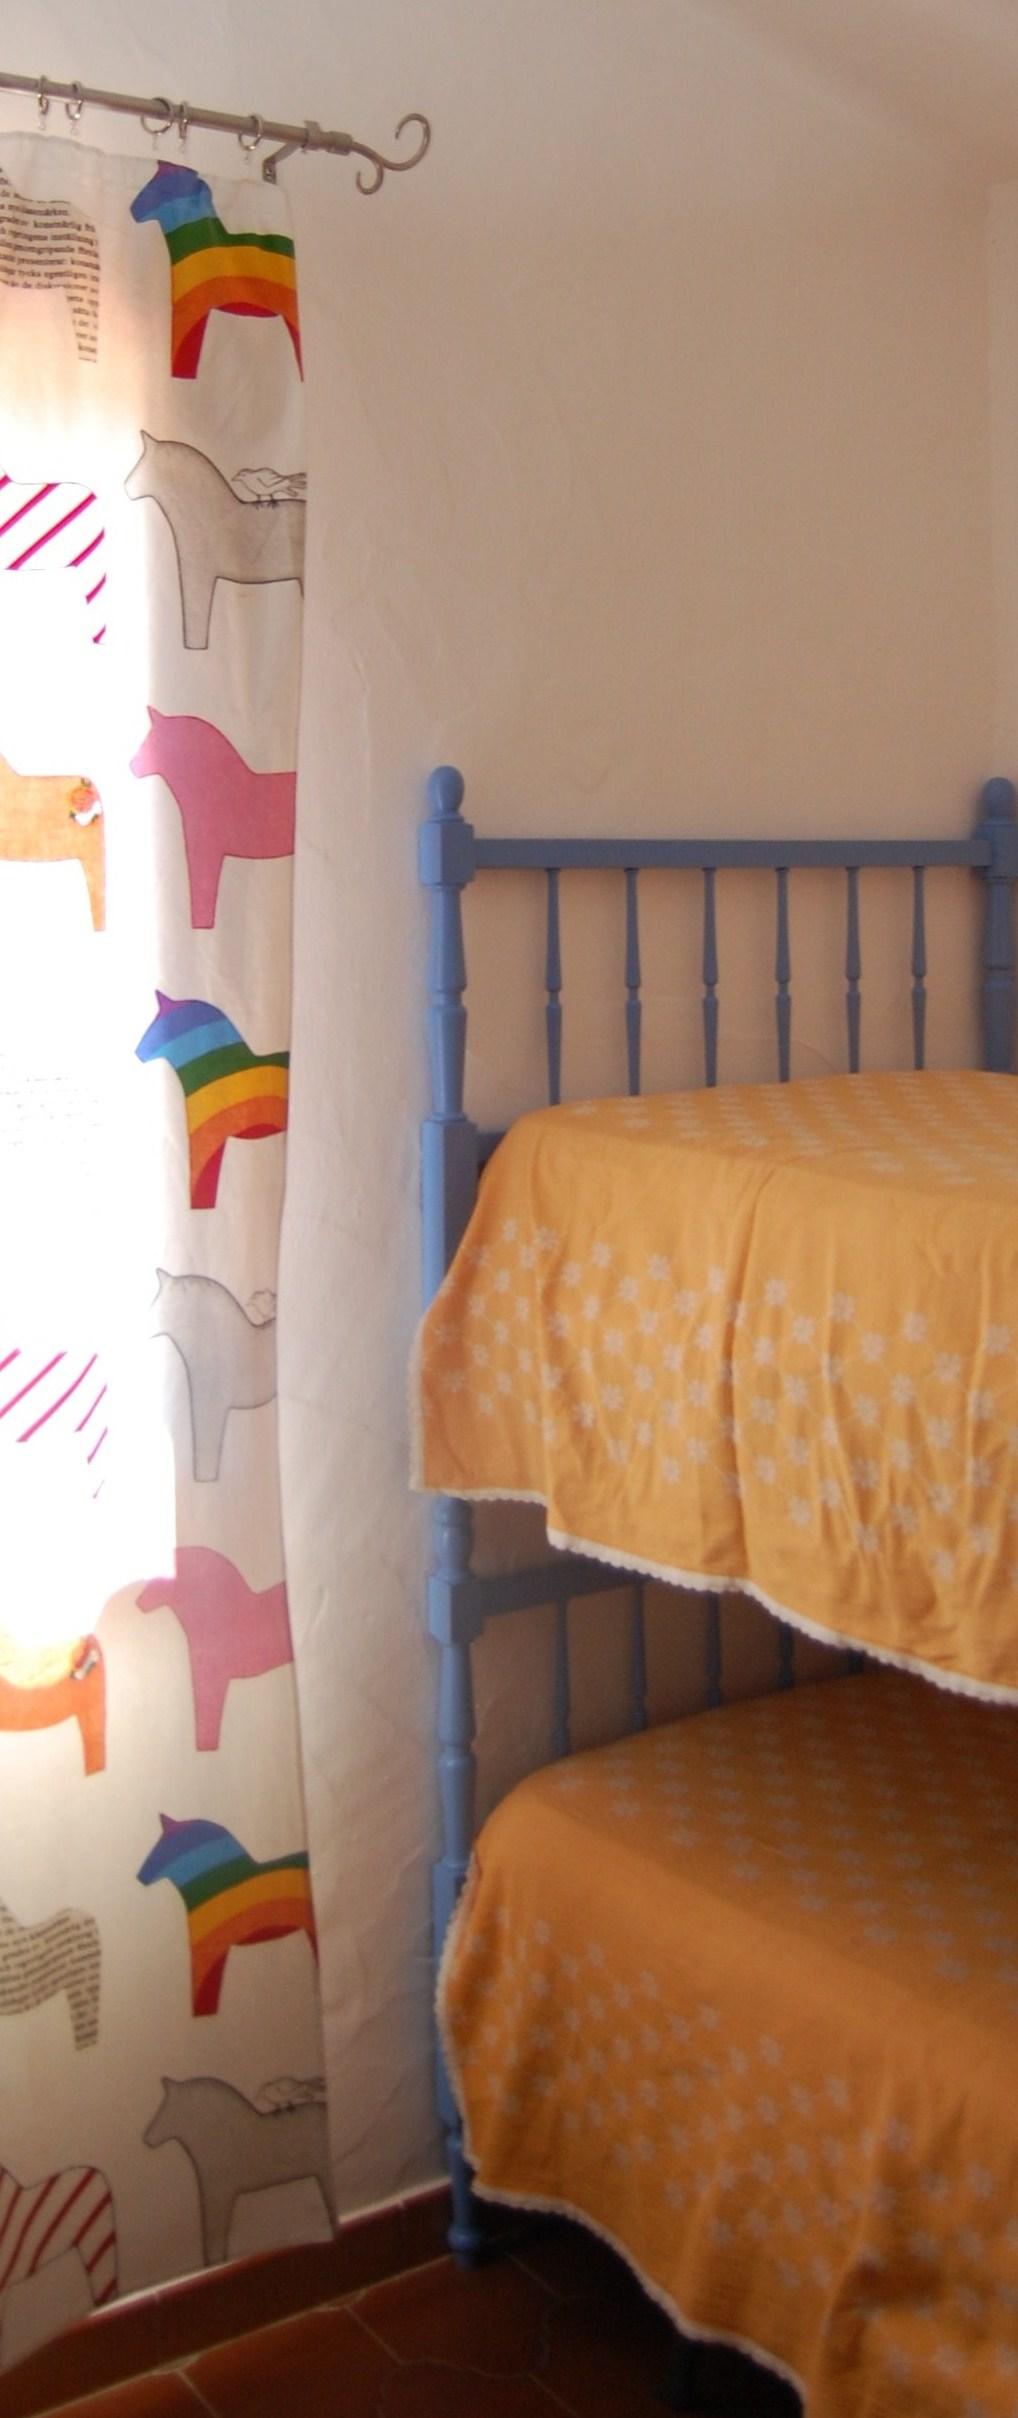 affitto villa mare sarroch 5236 (20130524110559-2013-84926-NDP.jpg)